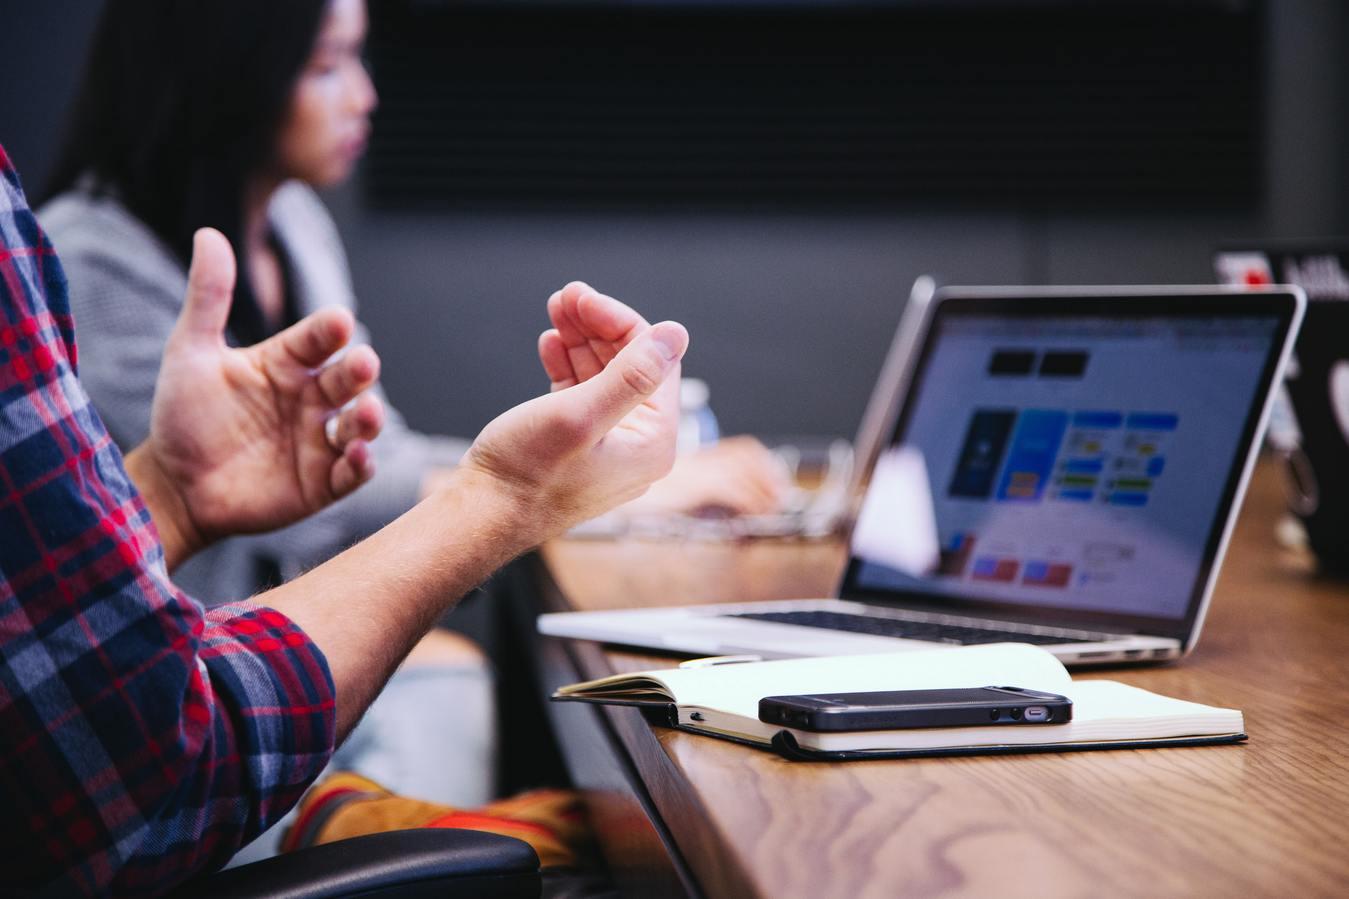 Uma equipa a falar numa sala de conferências com um portátil e um caderno sobre a mesa